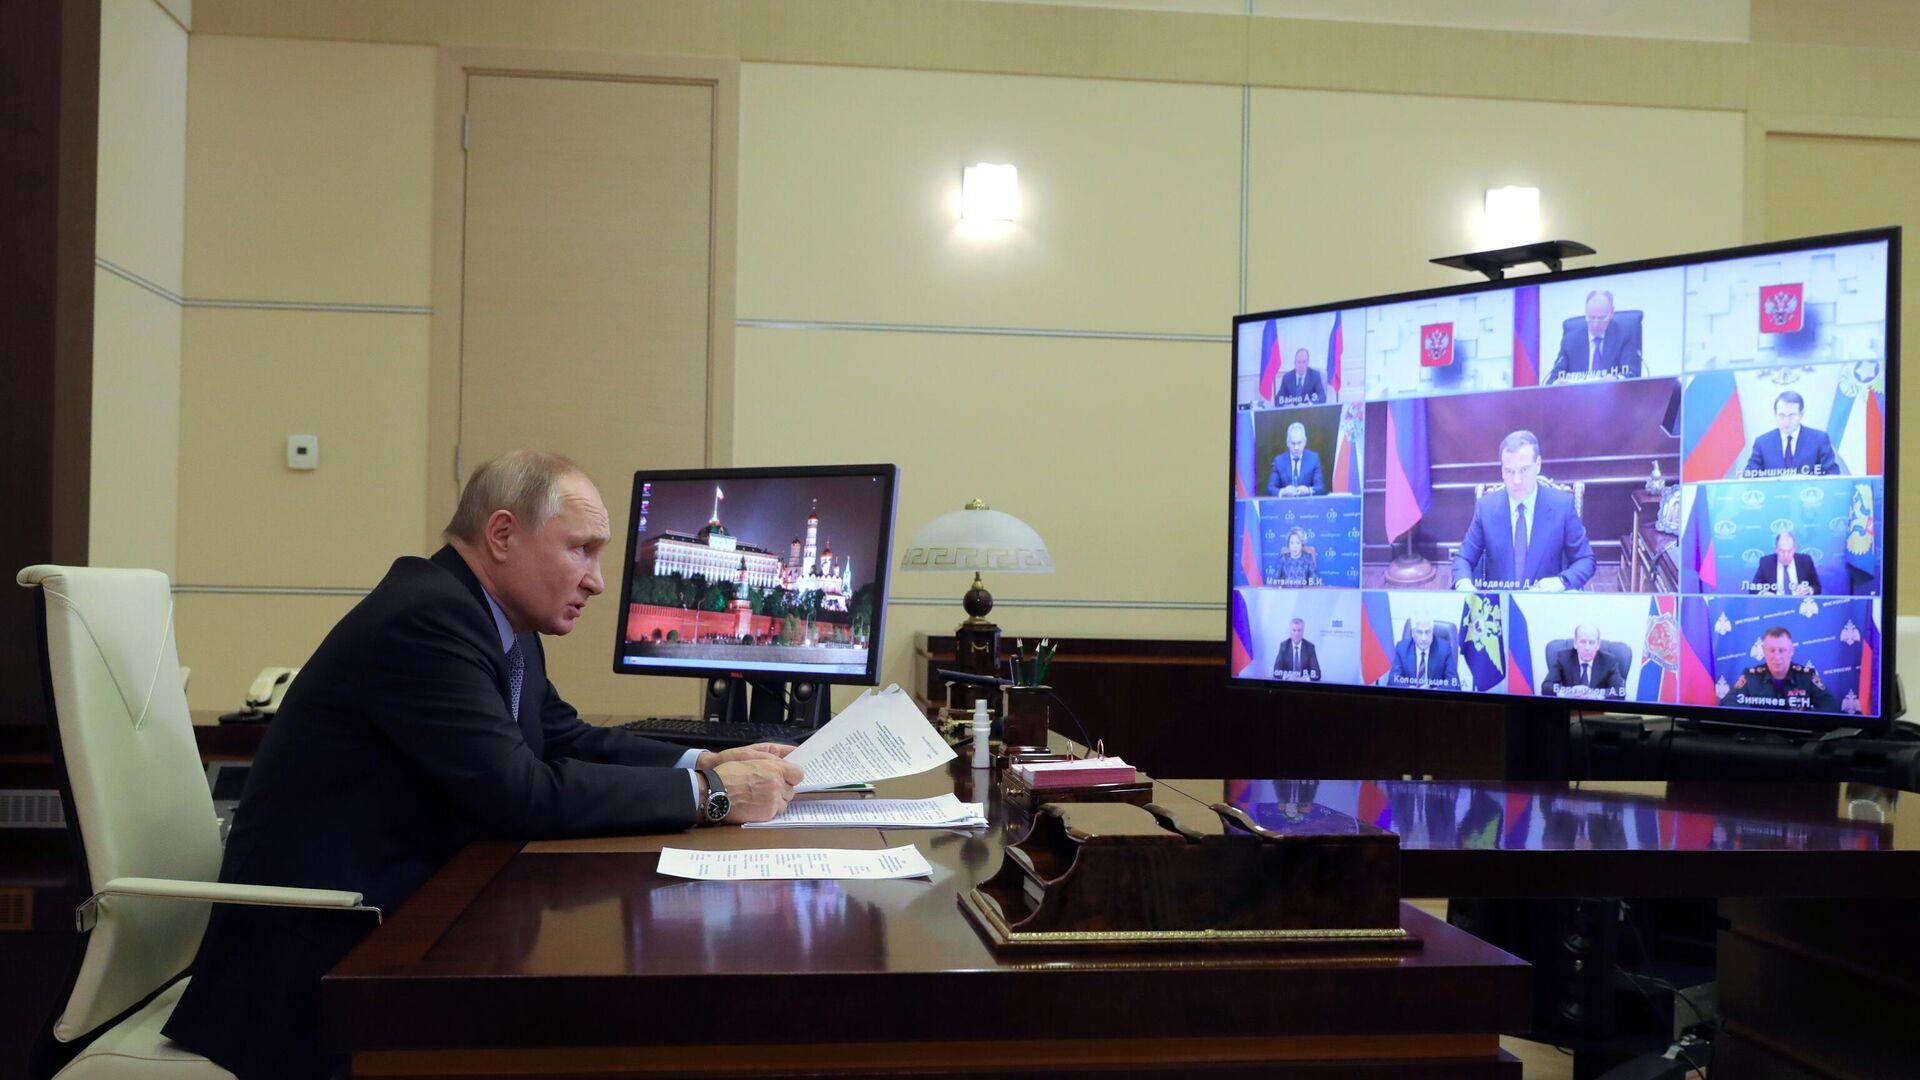 Президент РФ Владимир Путин проводит в режиме видеоконференции оперативное совещание с постоянными членами Совета безопасности РФ - РИА Новости, 1920, 05.07.2021